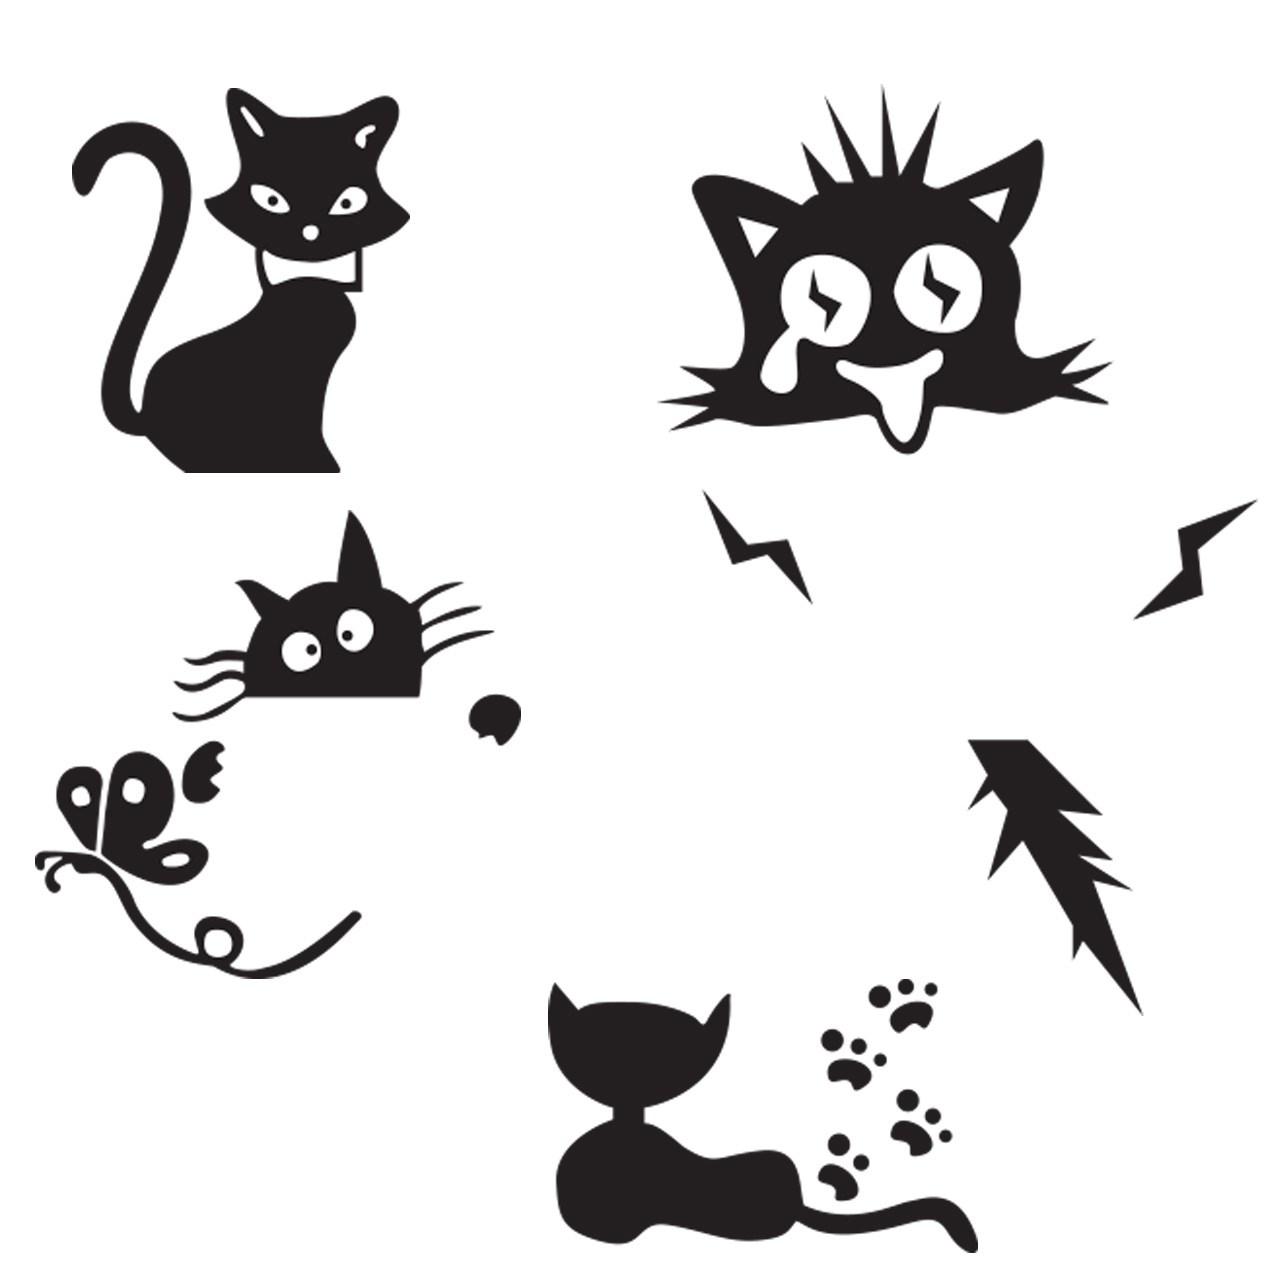 استیکر کلید پریز گراسیپا طرح گربه هاا بسته4 عددی